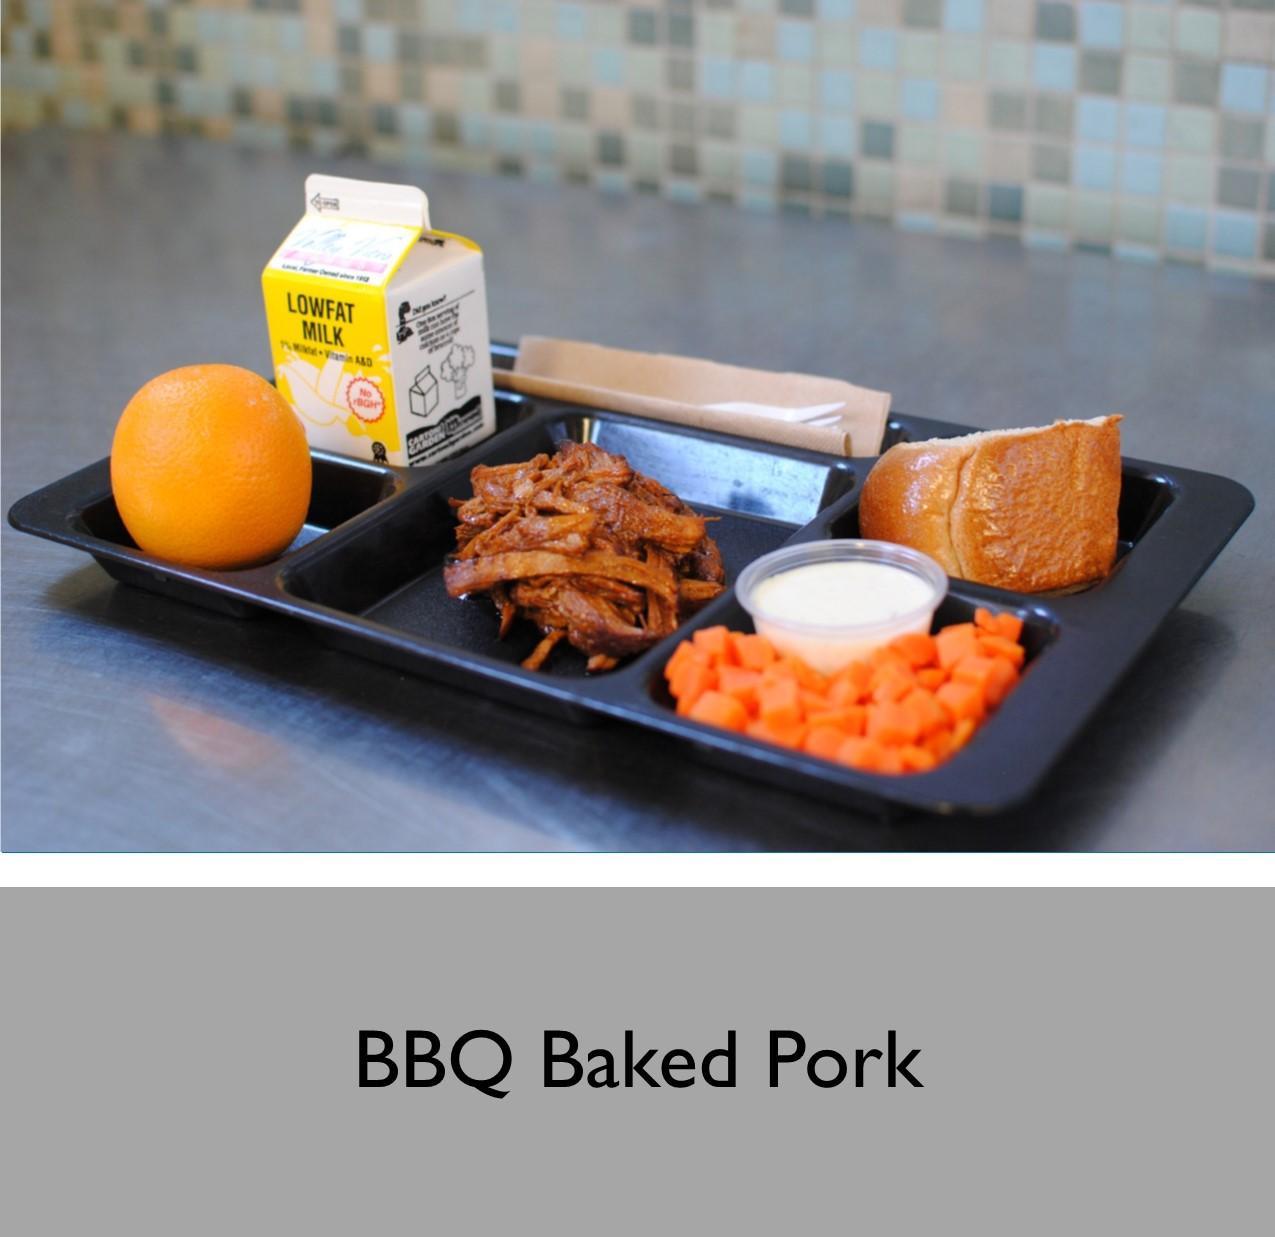 BBQ Baked Pork